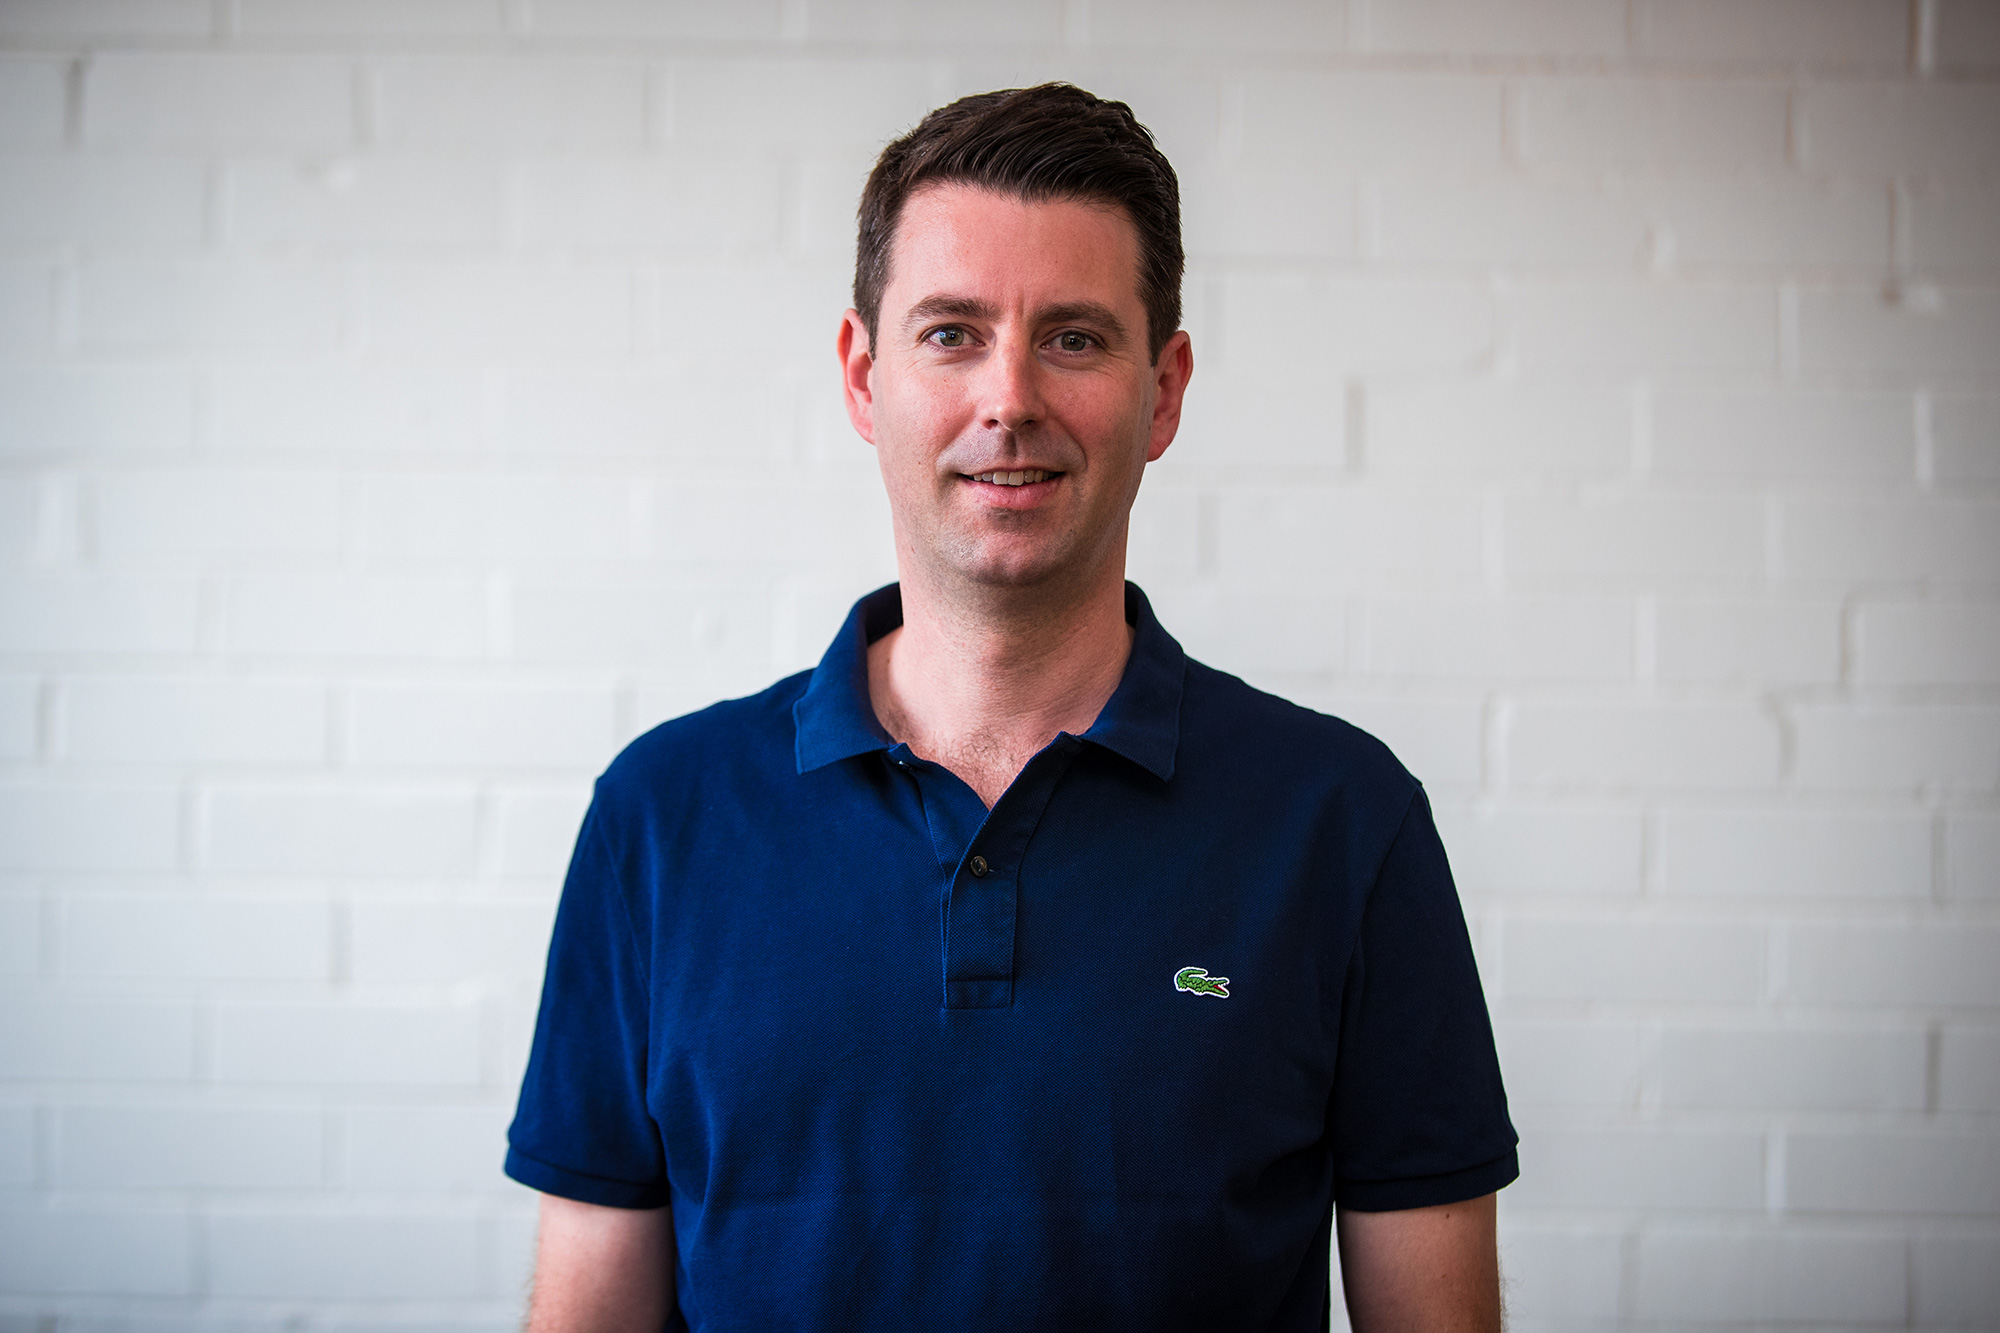 Matt Vitale, co-founder of Birchal